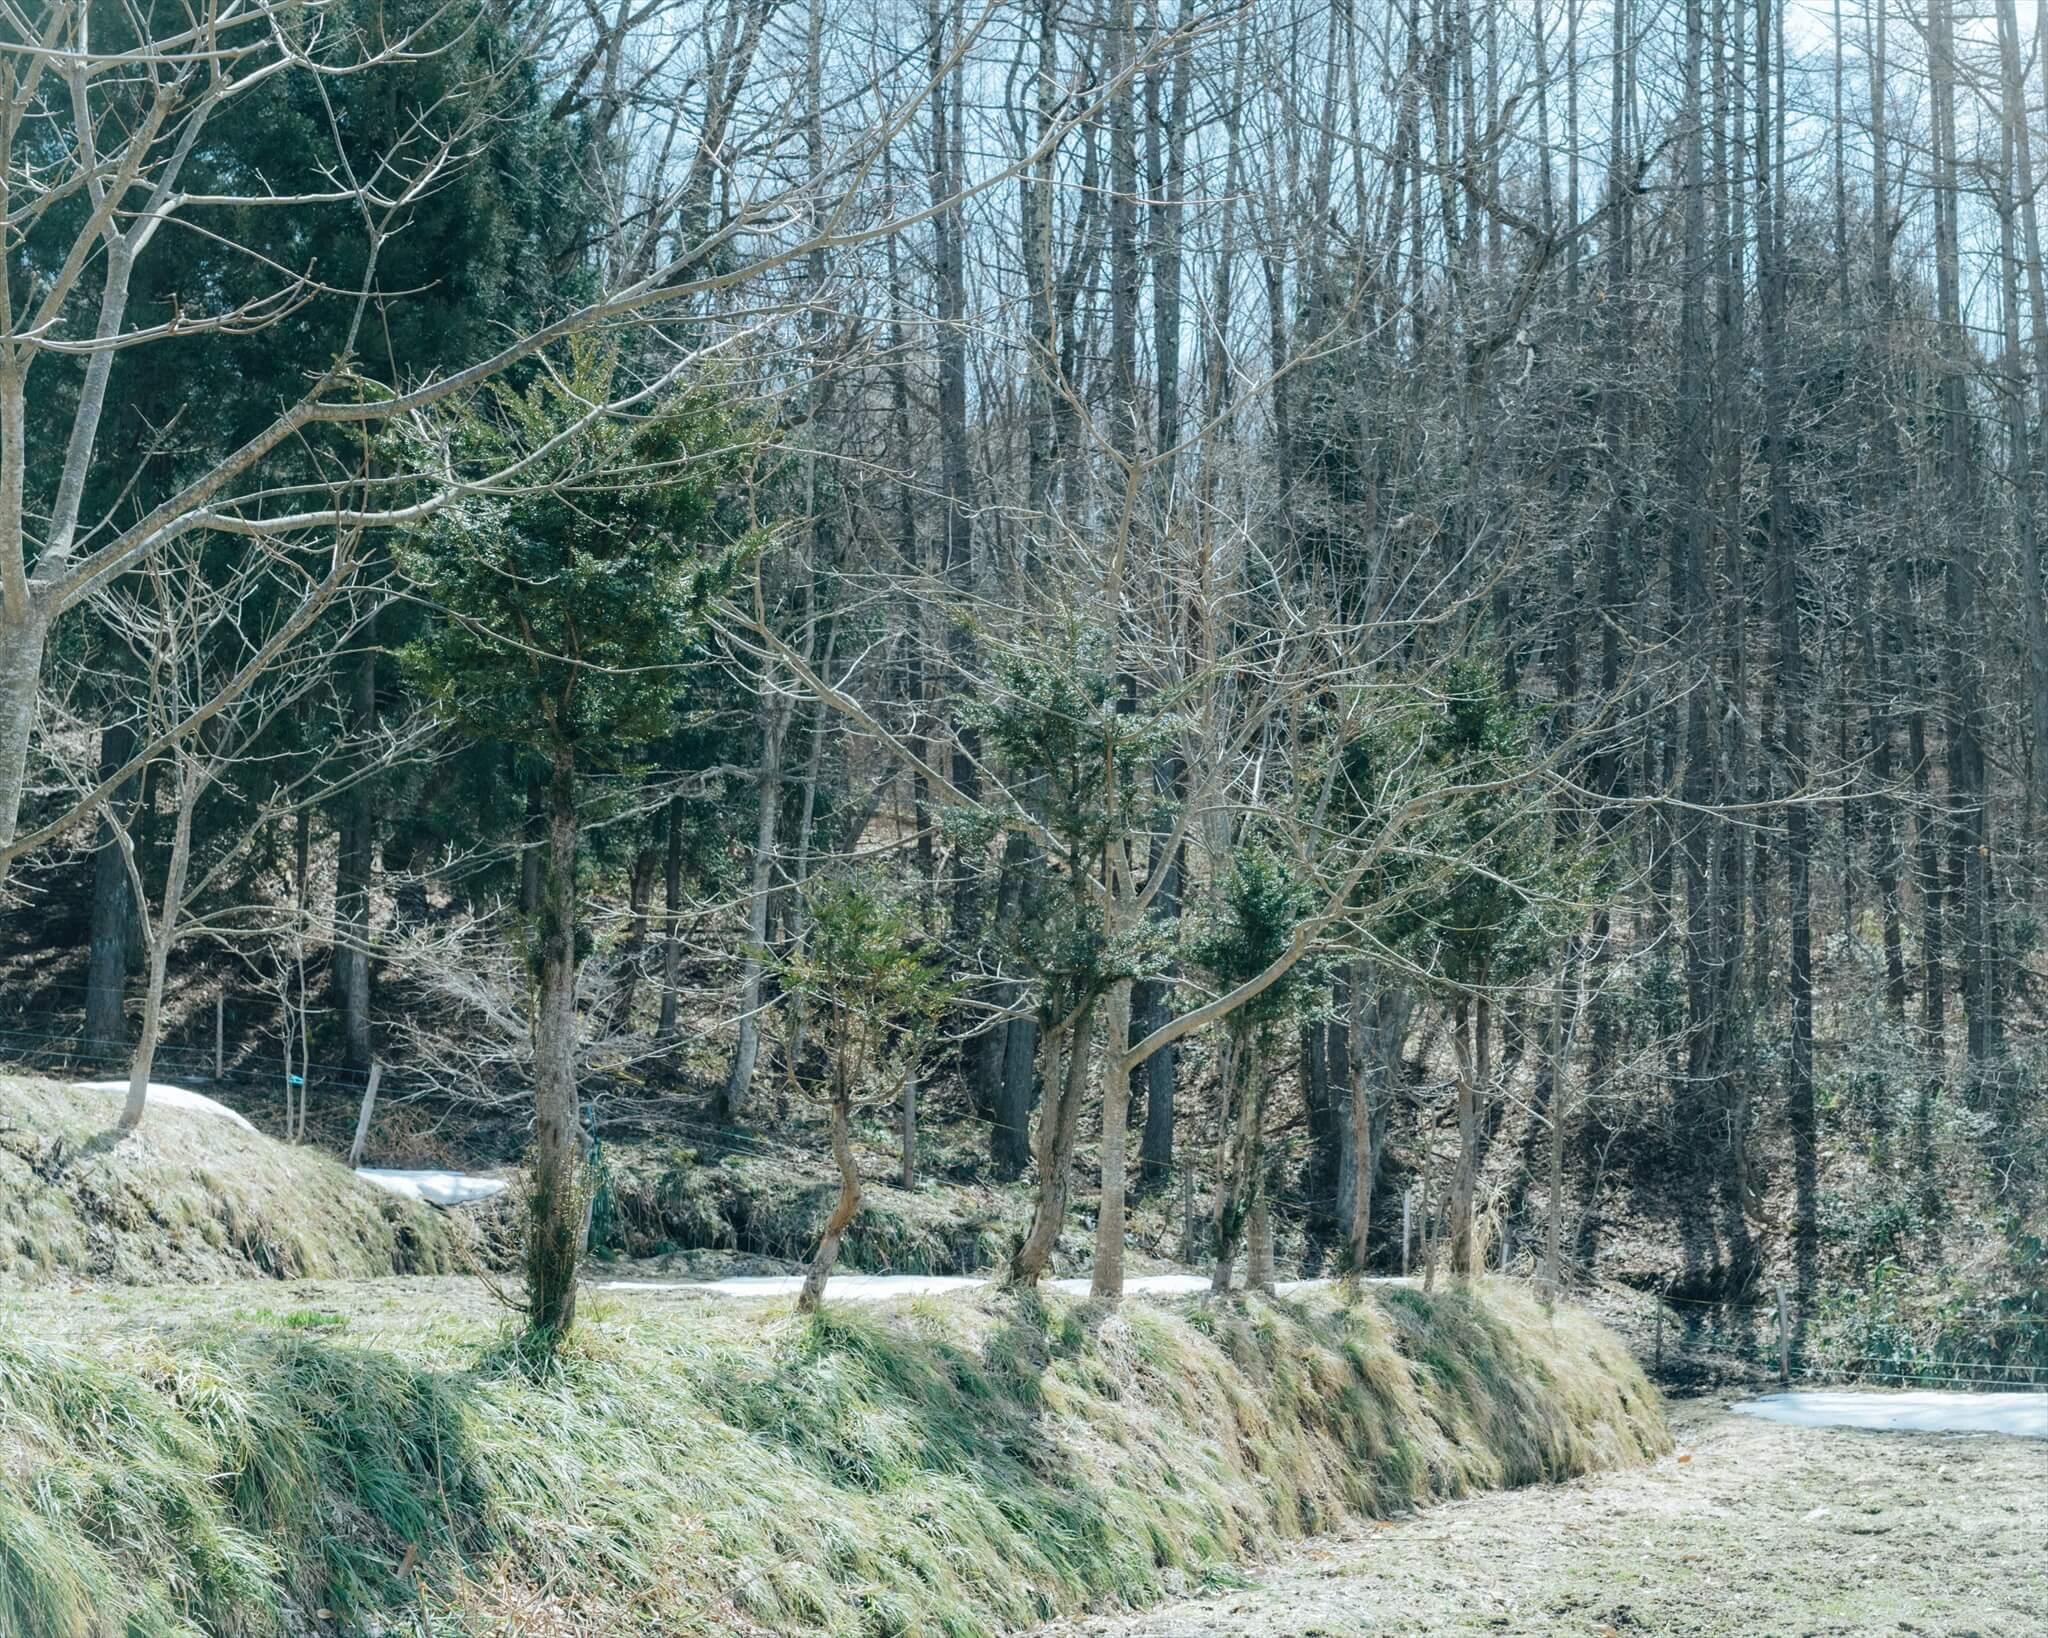 のっぺ山荘の裏の畑。キハダが土手に横一列に植えられている